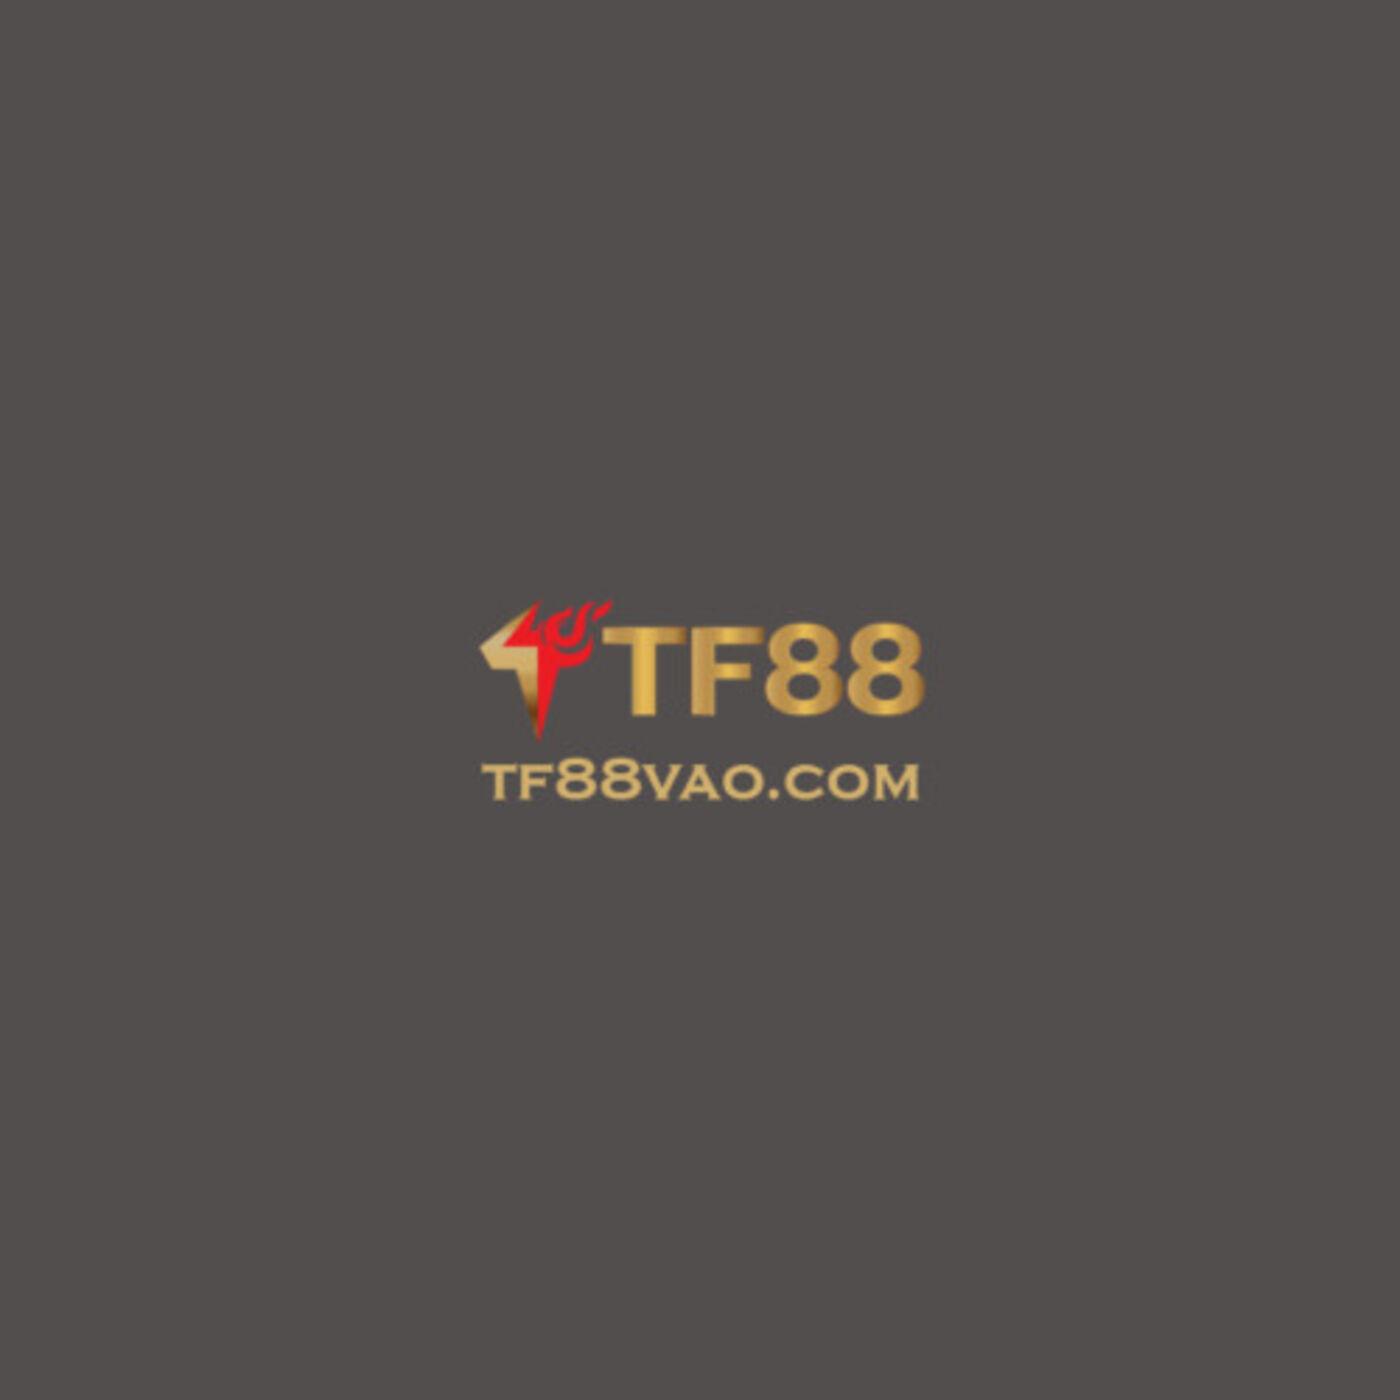 Tai Sao Nen Ca Cuoc Tai TF88